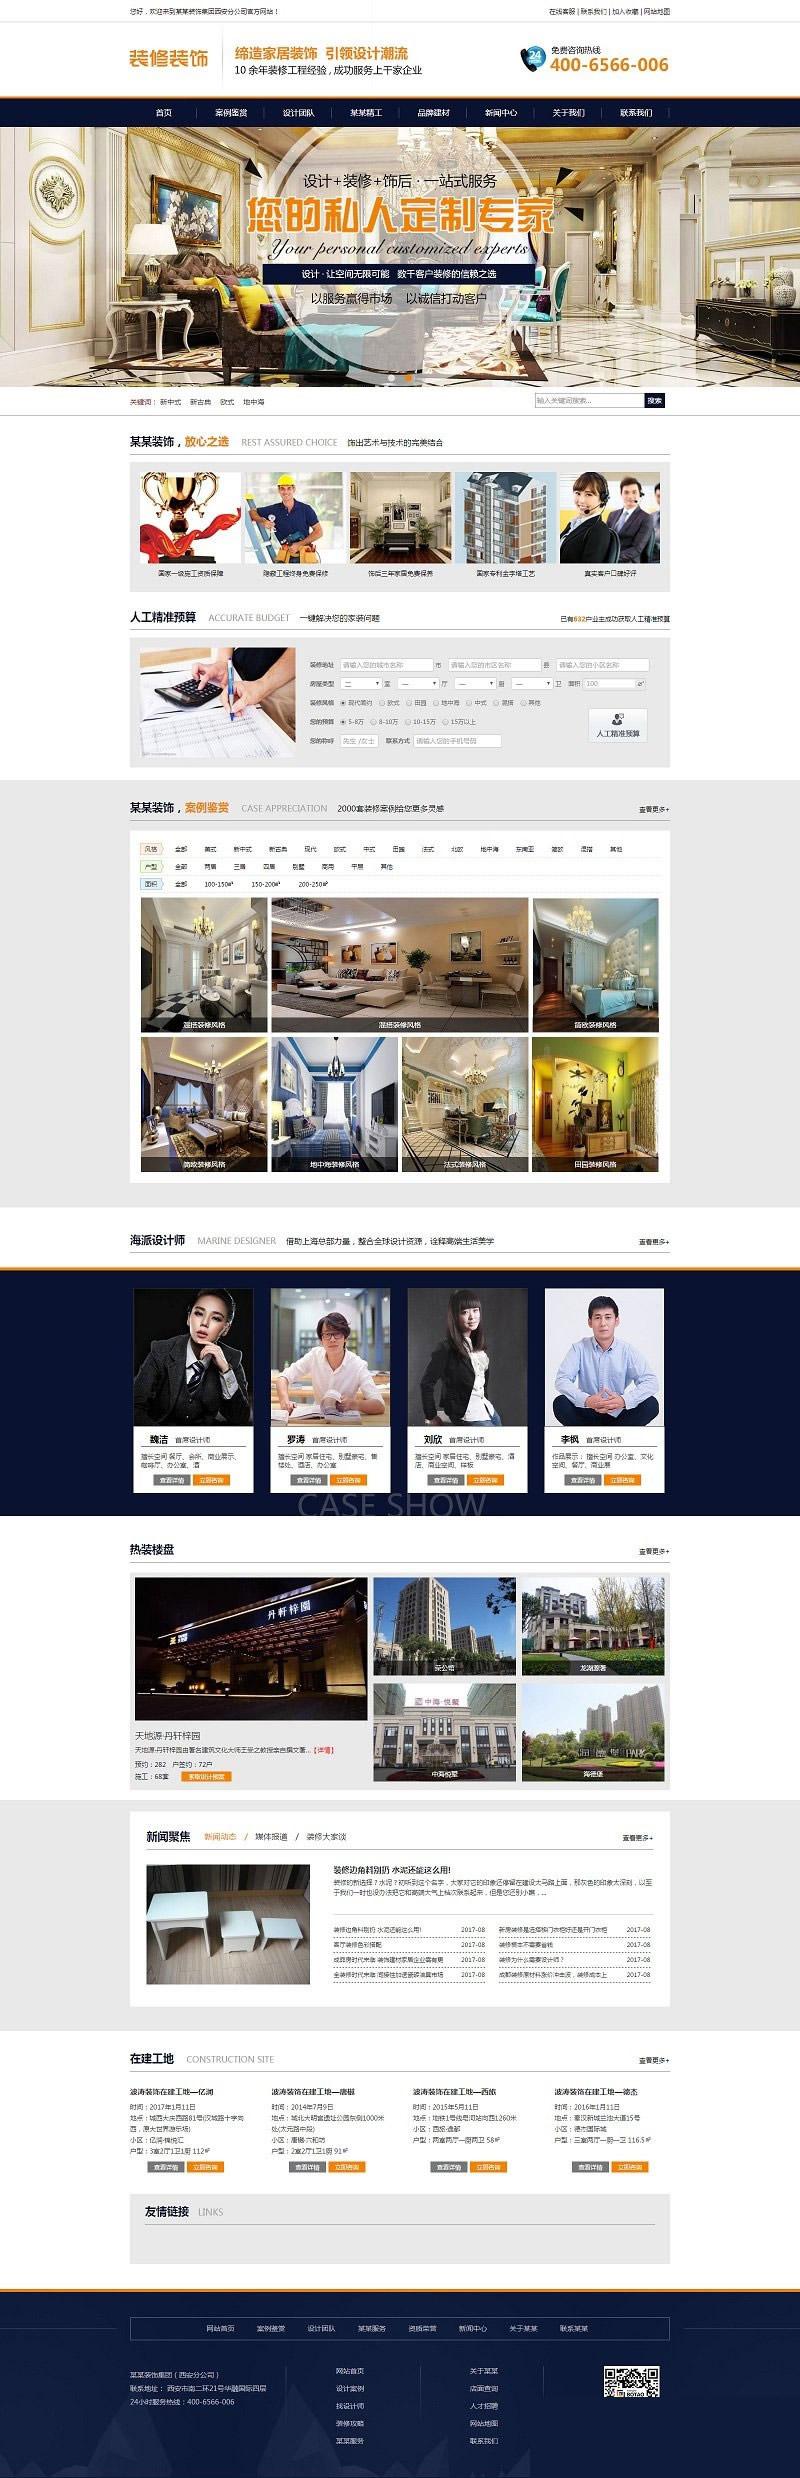 家居装饰装修工程公司网站源码 织梦dedecms模板